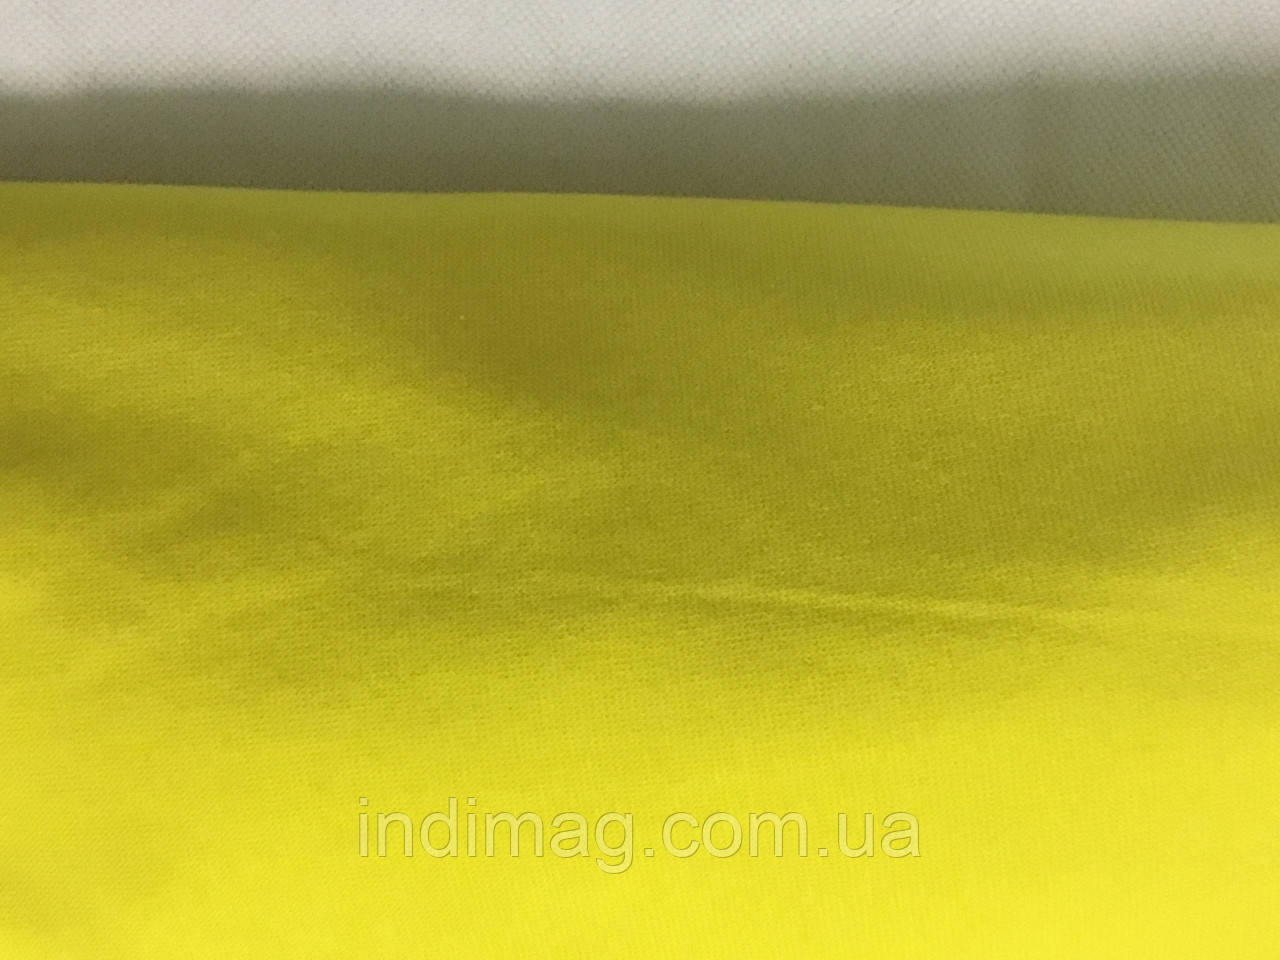 Рибана ликра Пенье желтая